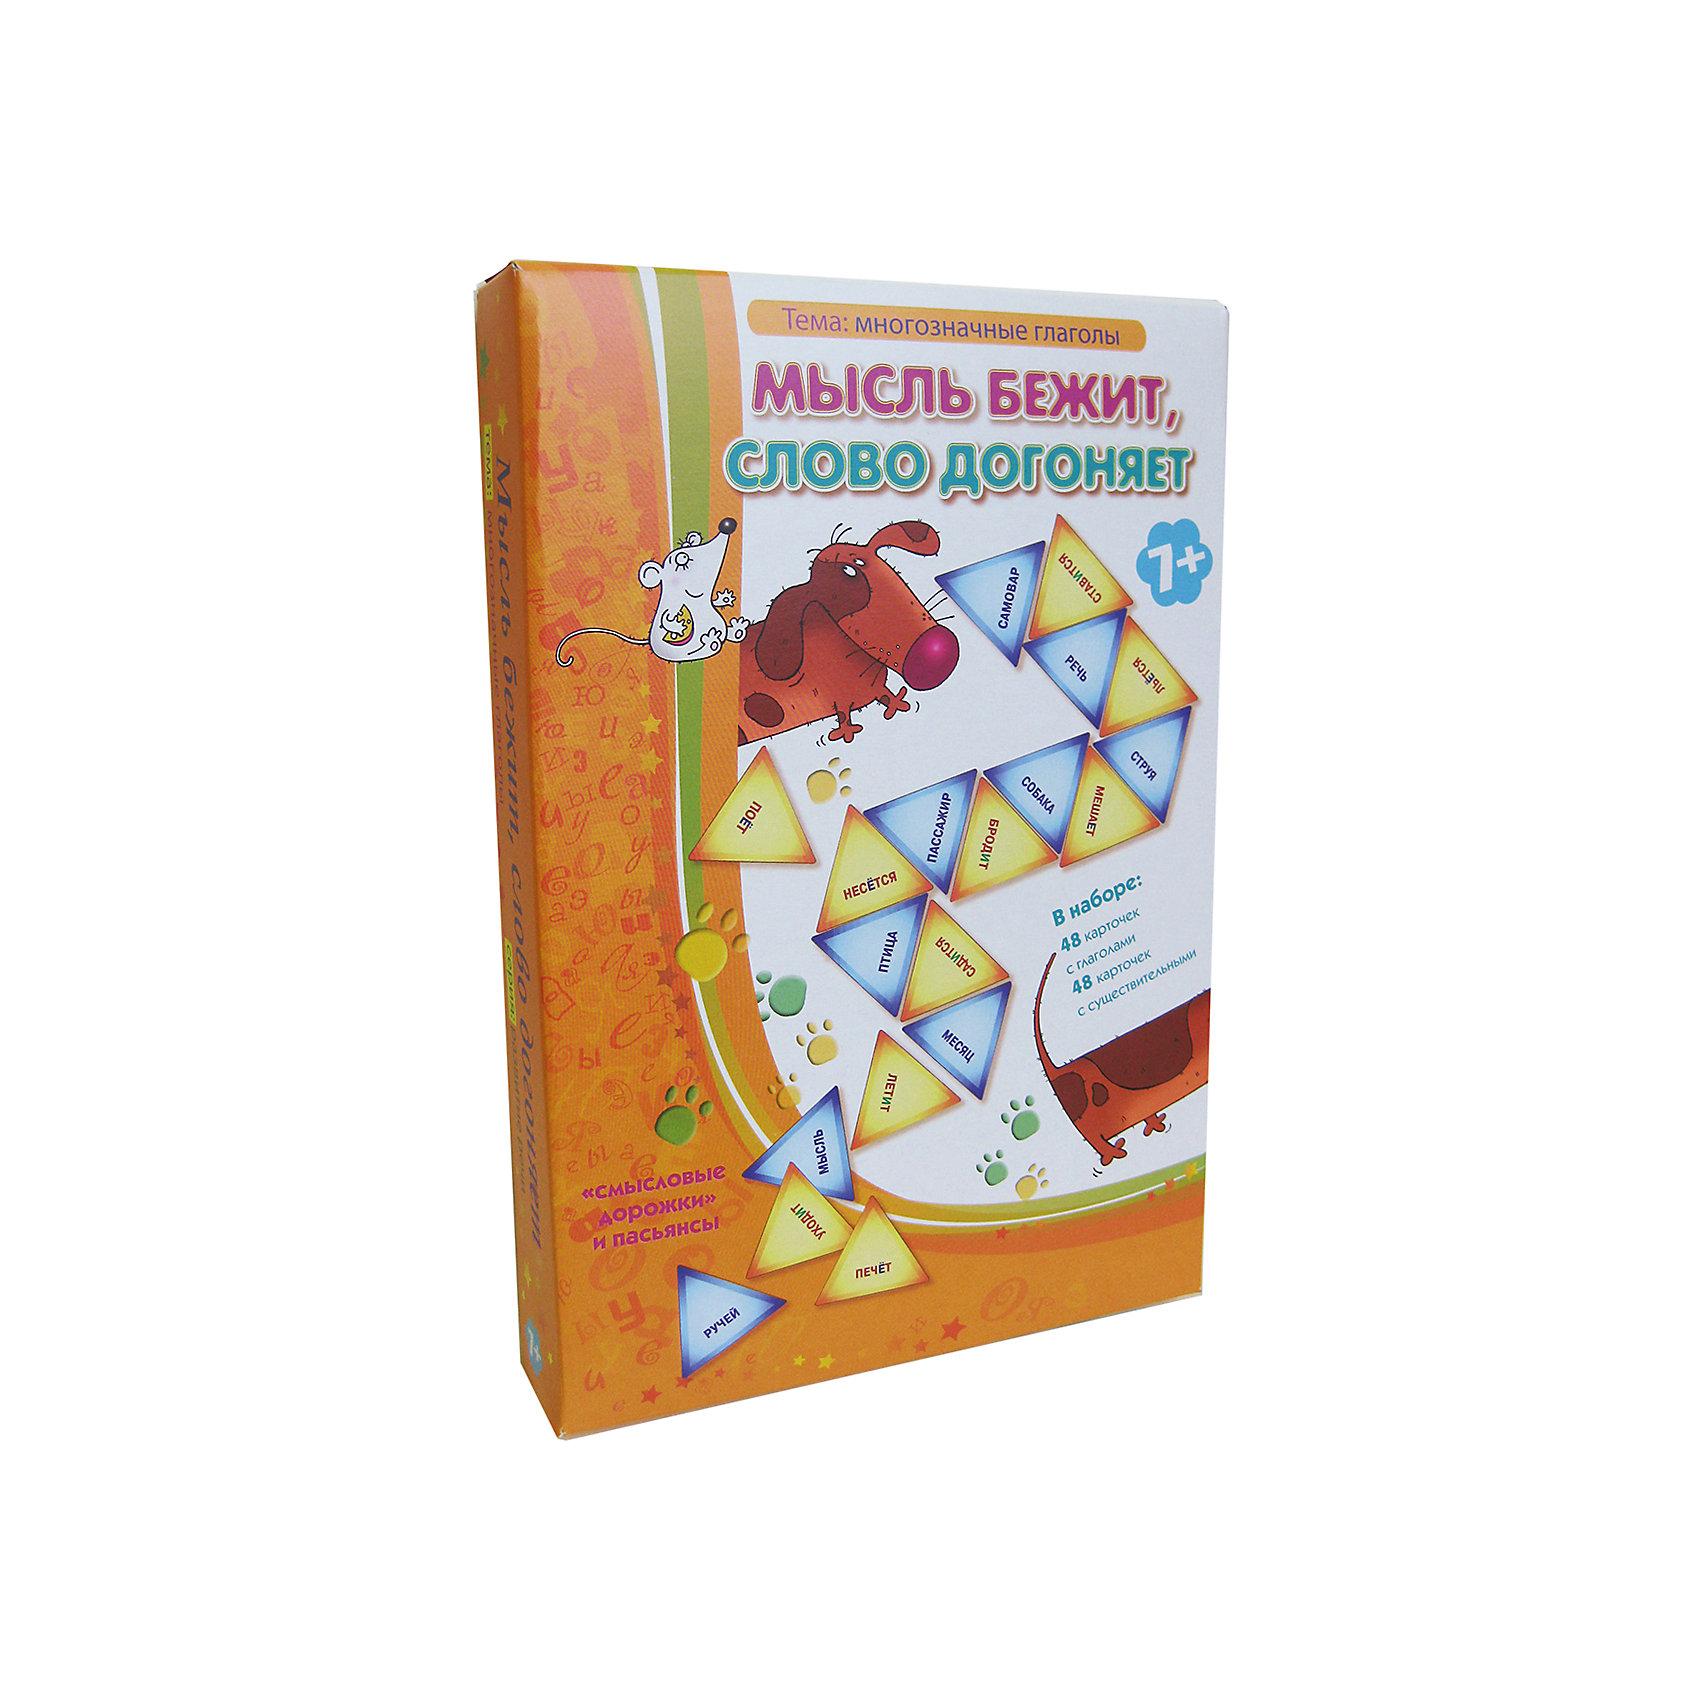 Мысль бежит, слово догоняет, Игротека Татьяны БарчанОбучающие карточки<br>Мысль бежит, слово догоняет, Игротека Татьяны Барчан.<br><br>Характеристики:<br><br>• Для детей в возрасте: от 7 до 10 лет<br>• В комплекте: 48 карточек синего цвета с существительными. 48 карточек жёлтого цвета с глаголами, инструкция<br>• Тема: Многозначные глаголы<br>• Материал: плотный качественный картон<br>• Производитель: ЦОТР Ребус (Россия)<br>• Упаковка: картонная коробка<br>• Размер упаковки: 268х180х40 мм.<br>• Вес: 264 гр.<br><br>С помощью этой увлекательной игры дети познакомятся с многозначными глаголами и научатся правильно их употреблять. Игрокам предстоит выложить «смысловую дорожку», в которой будут чередоваться существительные и глаголы. Карточки выкладываются игроками по очереди.<br><br>Главное в игре – объяснить смысл получившегося словосочетания. Например, глагол «идёт», идёт время, идёт дождь, идёт платье. Игра развивает речь, фантазию, знакомит с новыми словами, раскрывает многогранность и выразительность русского языка.<br><br>Игру Мысль бежит, слово догоняет, Игротека Татьяны Барчан можно купить в нашем интернет-магазине.<br><br>Ширина мм: 270<br>Глубина мм: 180<br>Высота мм: 40<br>Вес г: 260<br>Возраст от месяцев: 84<br>Возраст до месяцев: 120<br>Пол: Унисекс<br>Возраст: Детский<br>SKU: 6751333